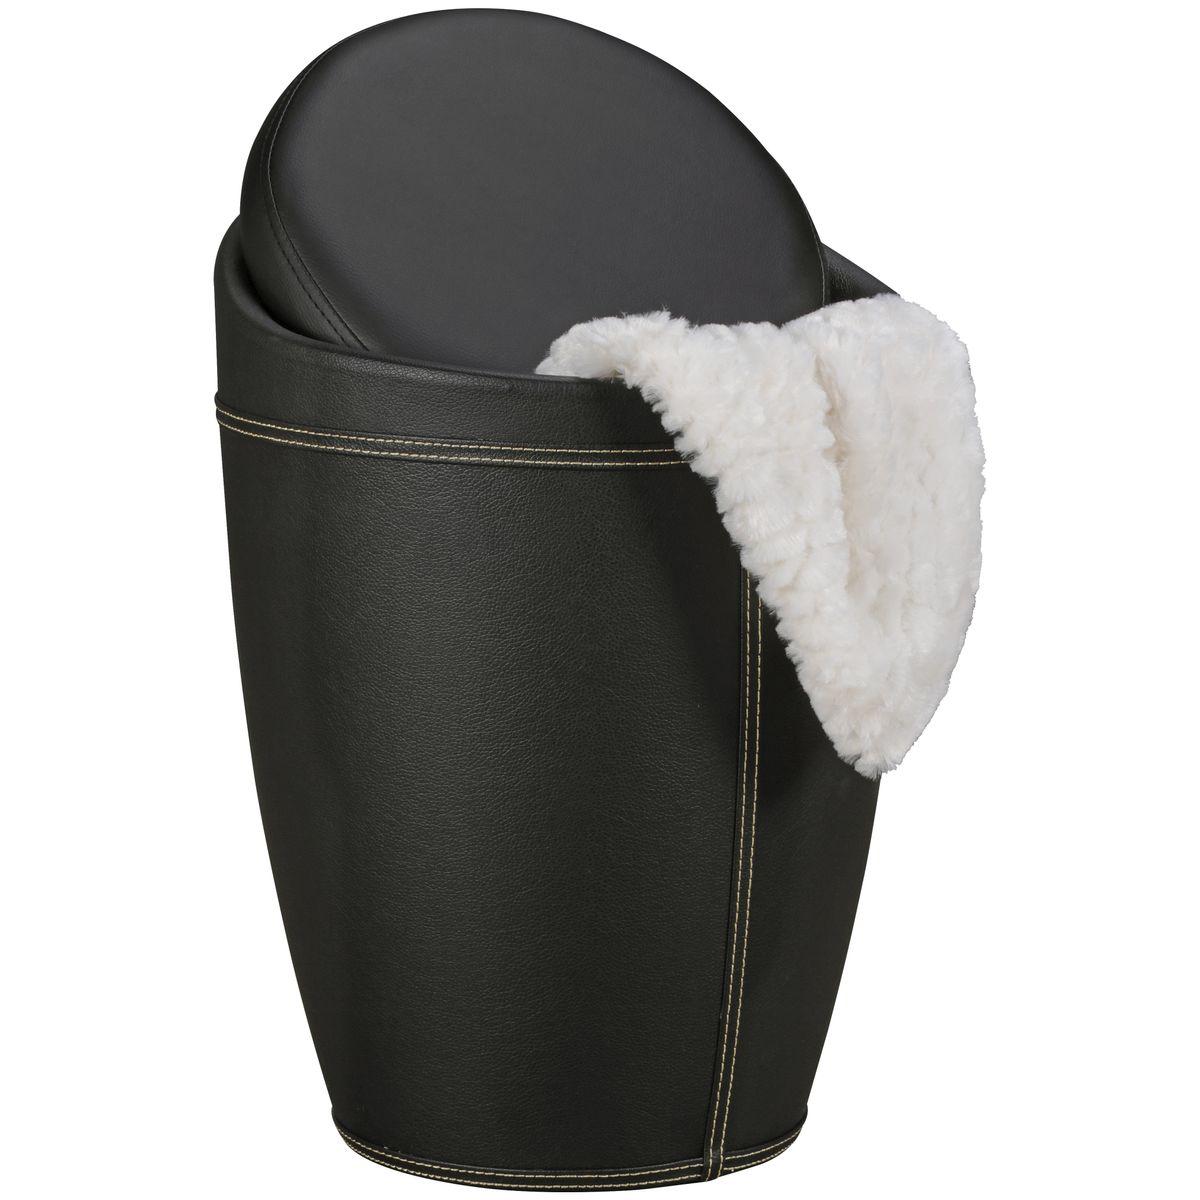 moderner hocker mit funktion badhocker leder optik schwarz sitzhocker neu ebay. Black Bedroom Furniture Sets. Home Design Ideas